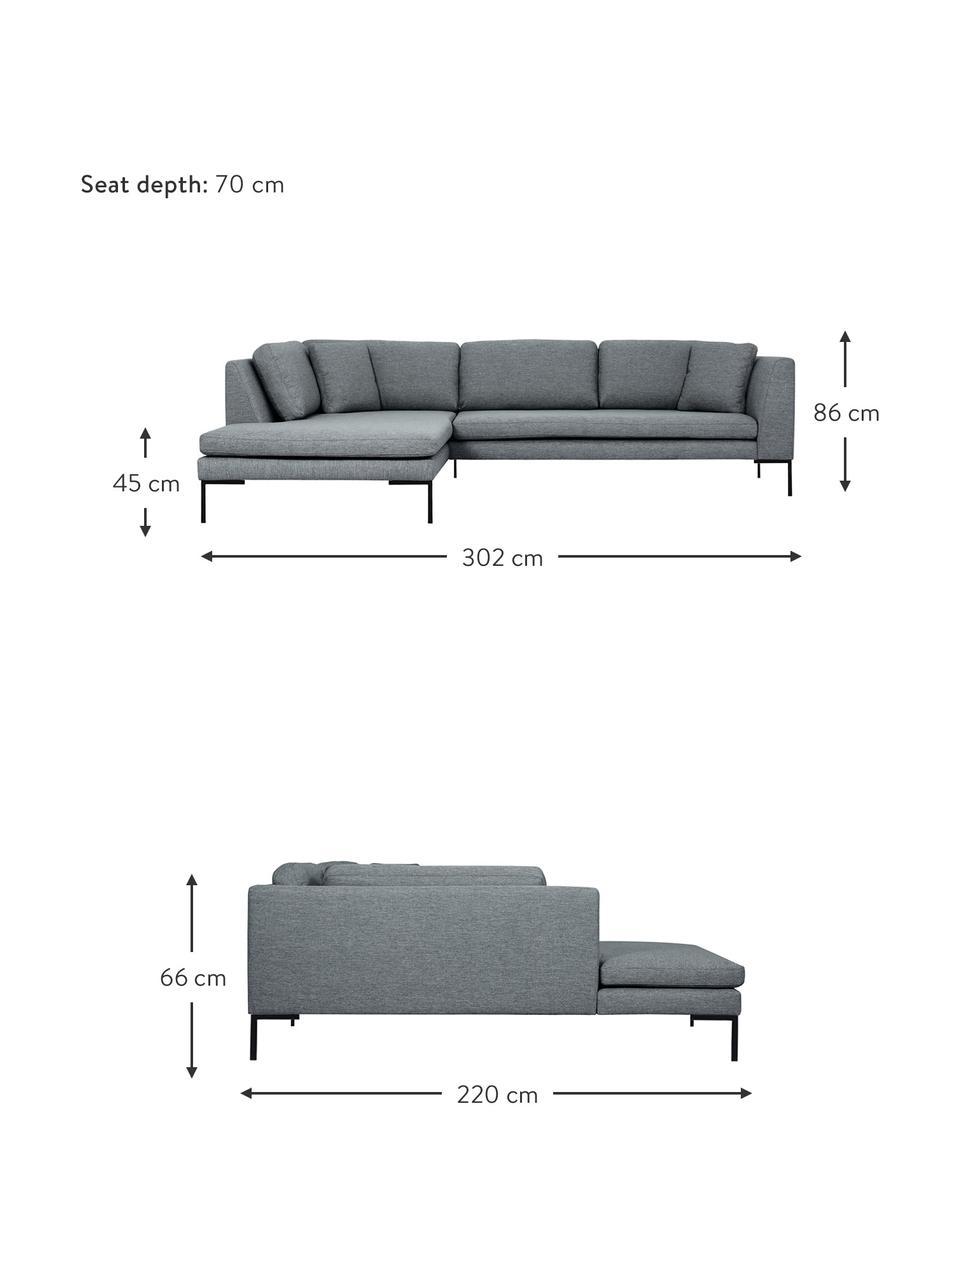 Canapé d'angle gris Emma, Tissu gris, pieds noirs